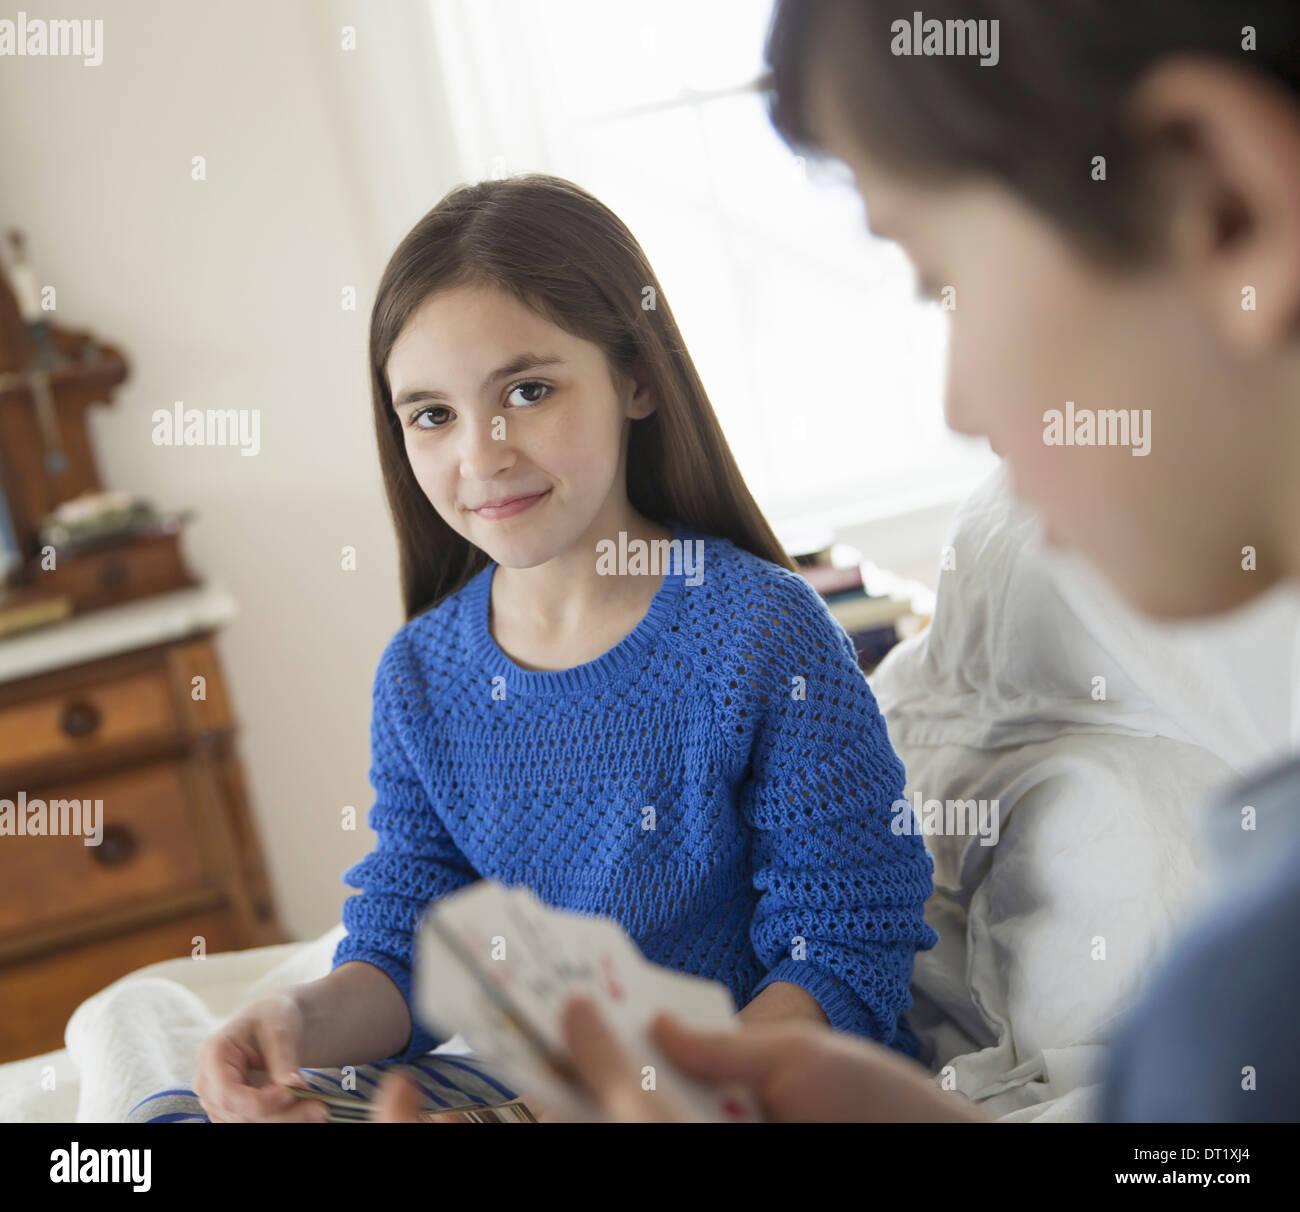 Dos niños en casa sentados uno al lado del otro y jugando un juego de cartas Imagen De Stock